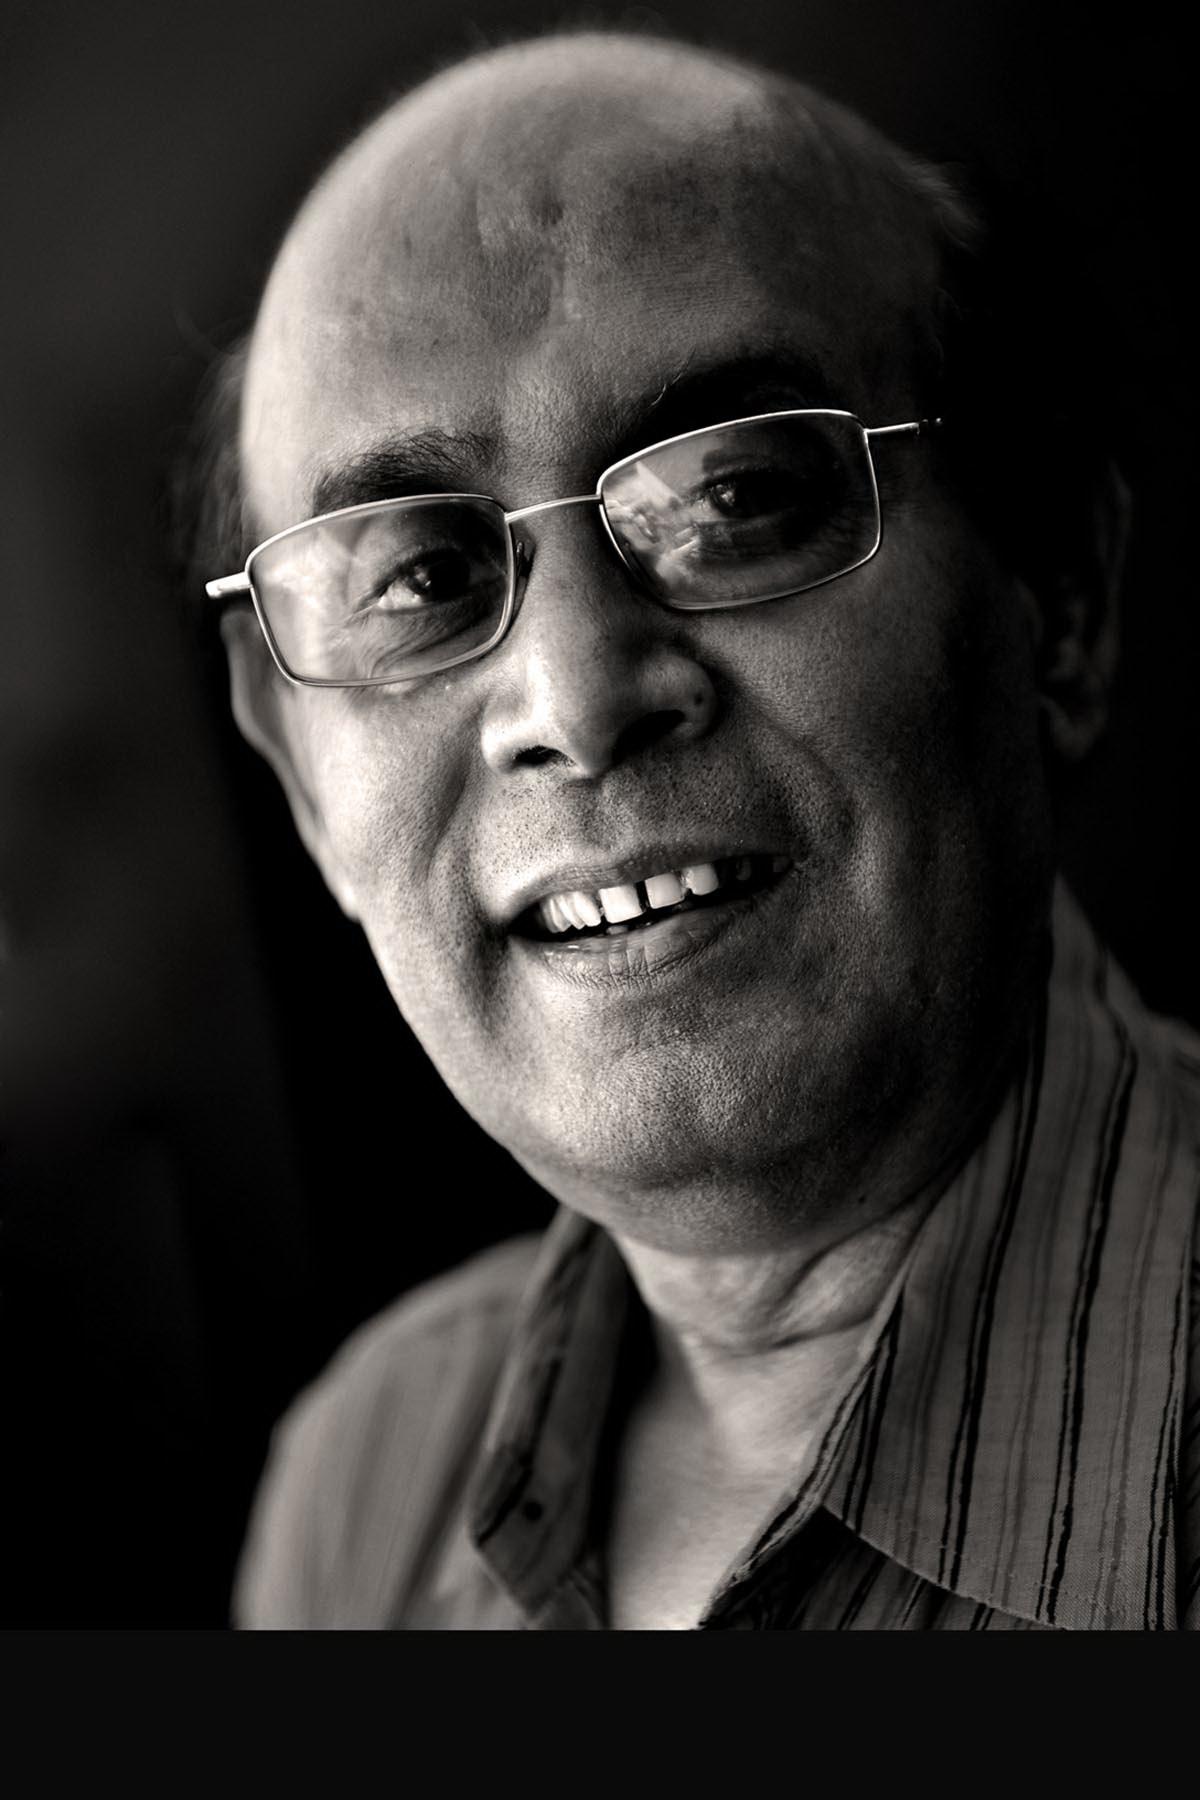 Buddhadeb Dasgupta